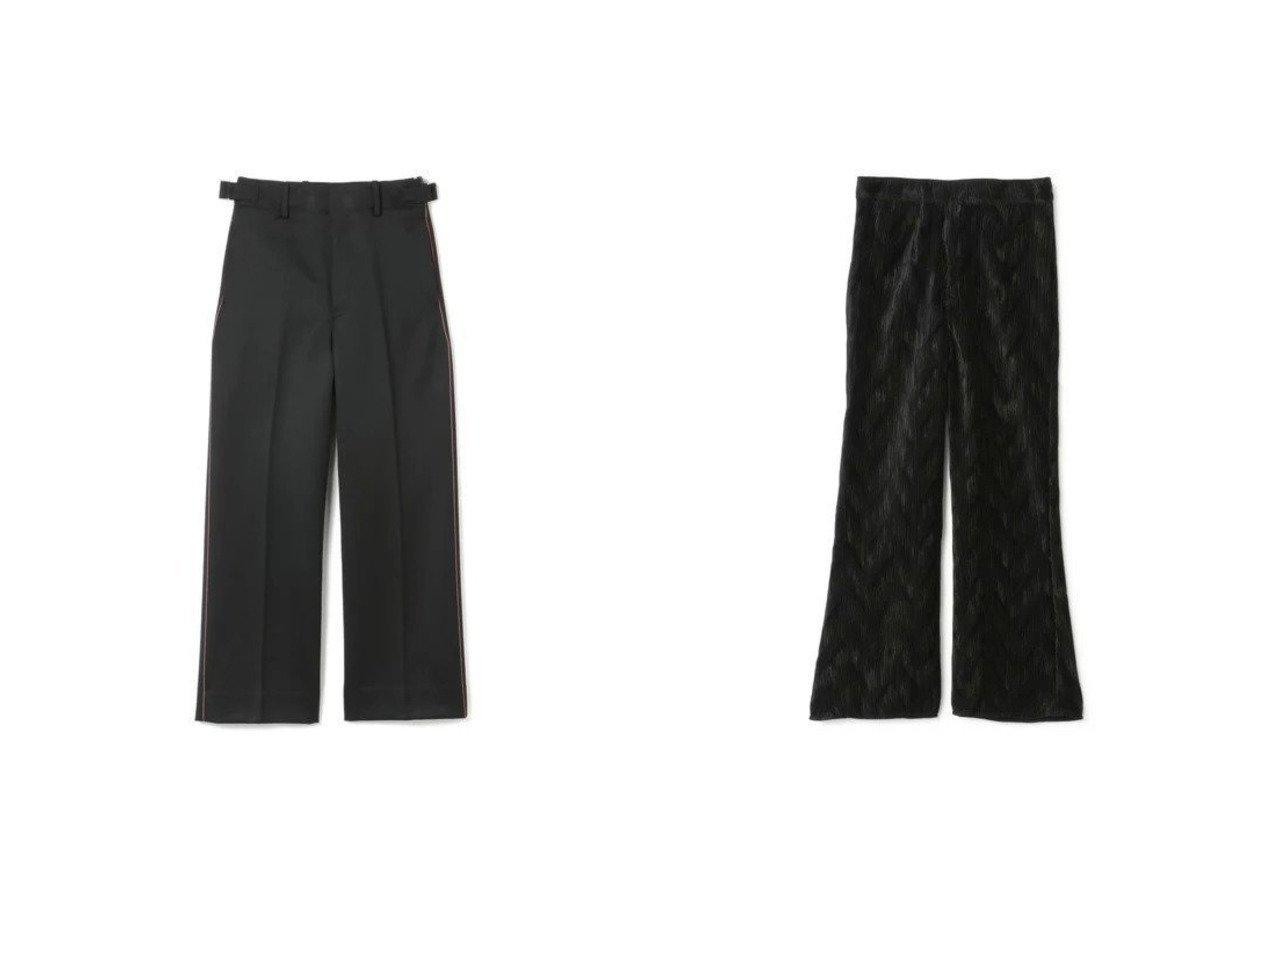 【beautiful people/ビューティフル ピープル】のregimental wool side line pants&【GANNI/ガニー】のPleated Satin Pants パンツのおすすめ!人気、トレンド・レディースファッションの通販  おすすめで人気の流行・トレンド、ファッションの通販商品 メンズファッション・キッズファッション・インテリア・家具・レディースファッション・服の通販 founy(ファニー) https://founy.com/ ファッション Fashion レディースファッション WOMEN パンツ Pants 2021年 2021 2021 春夏 S/S SS Spring/Summer 2021 S/S 春夏 SS Spring/Summer クール サテン フレア プリーツ 洗える |ID:crp329100000018906